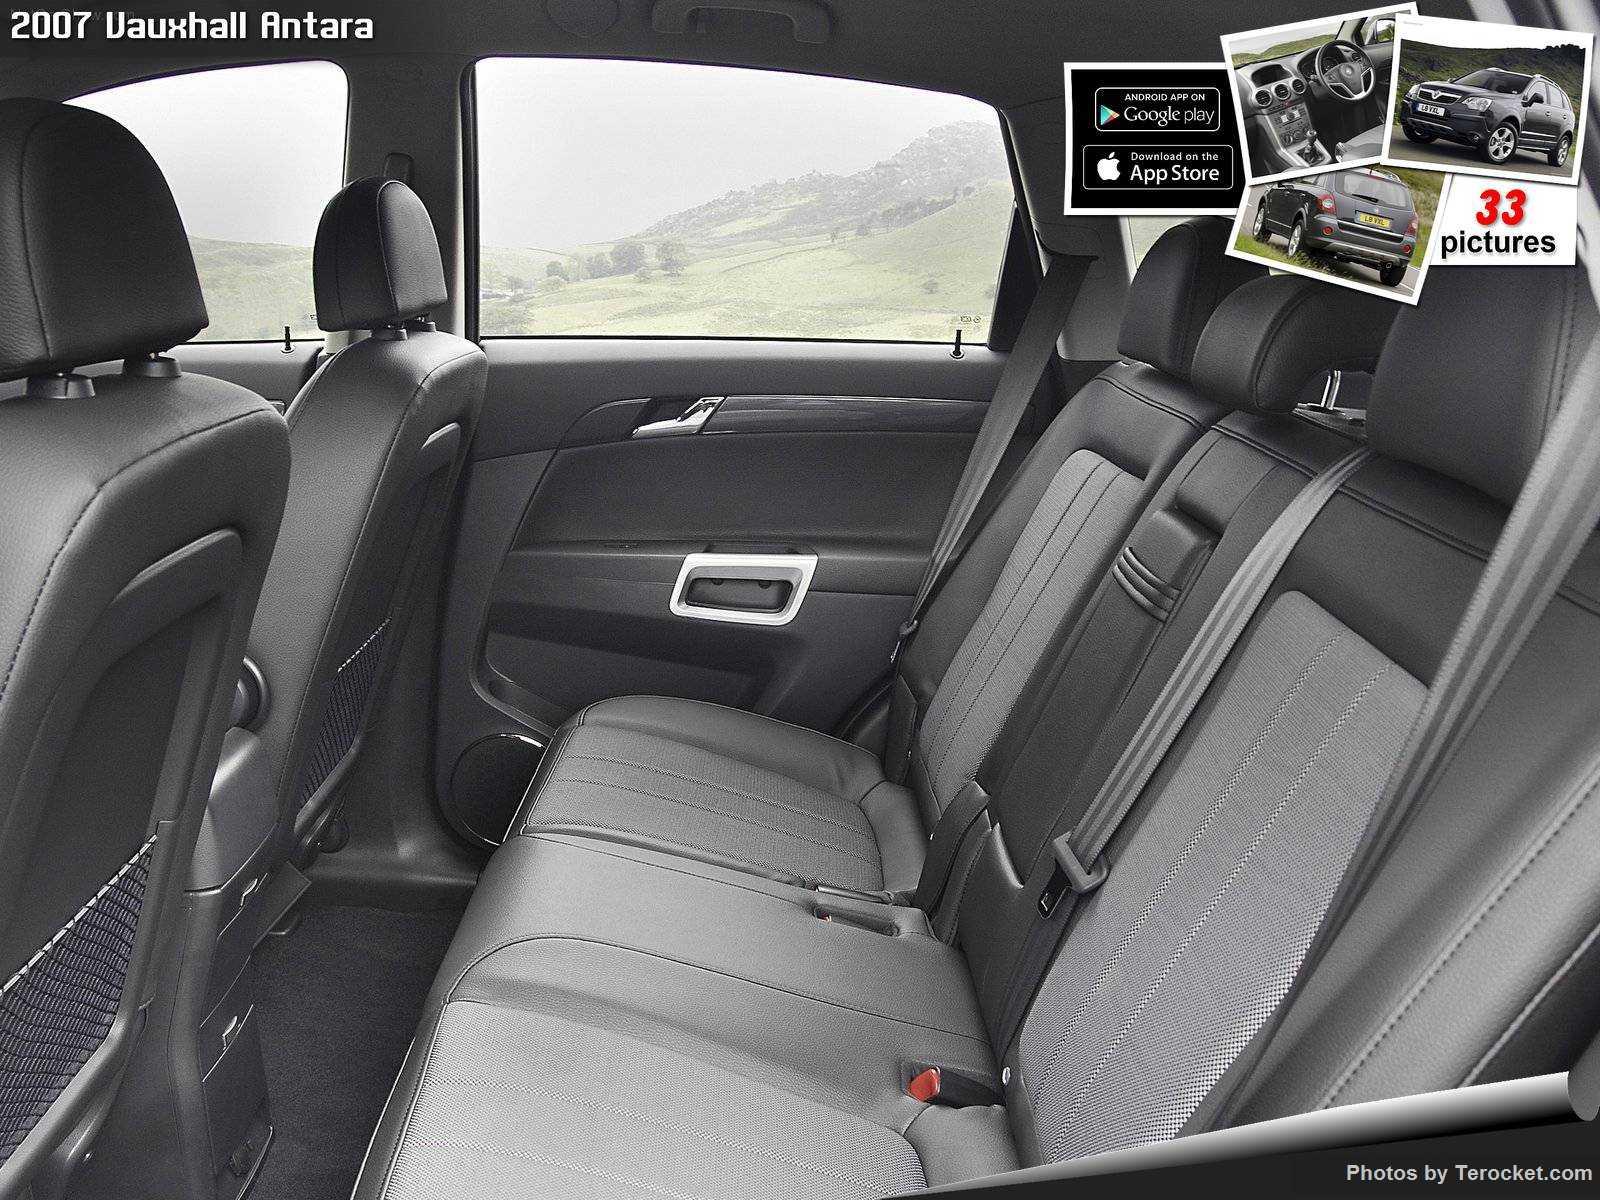 Hình ảnh xe ô tô Vauxhall Antara 2007 & nội ngoại thất